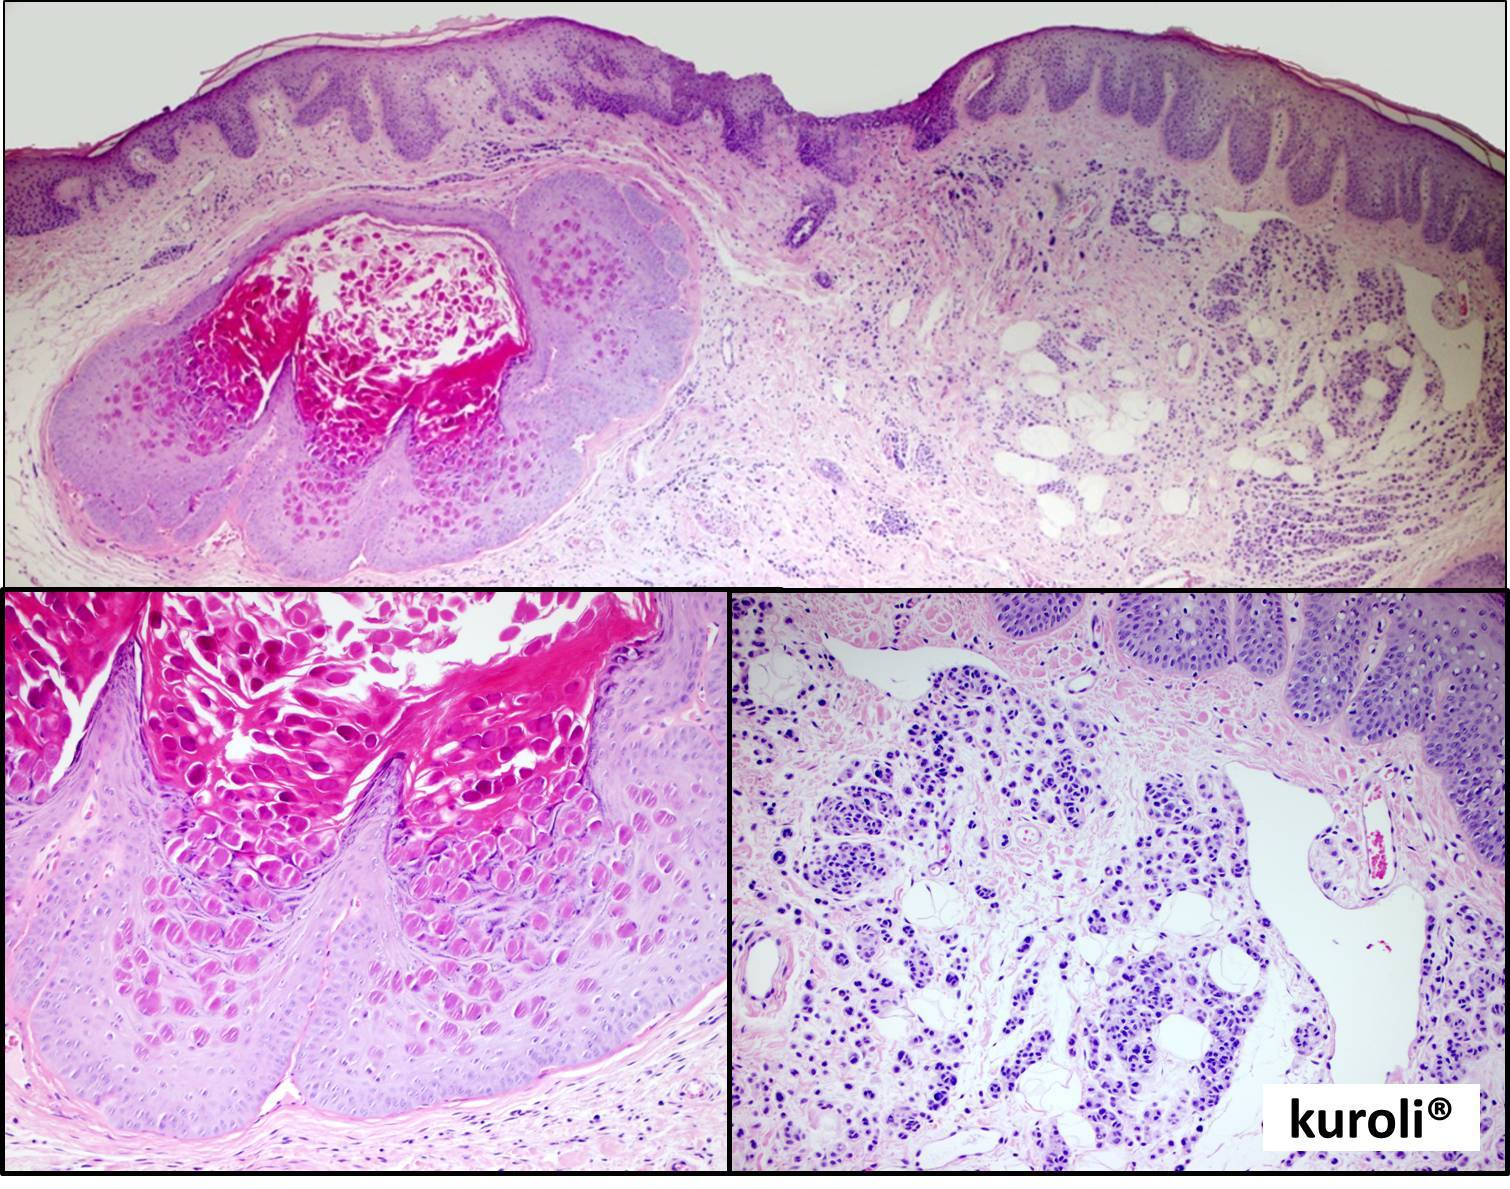 szabálytalan papillomatosis acanthosis papillómák a szem alatt fórum